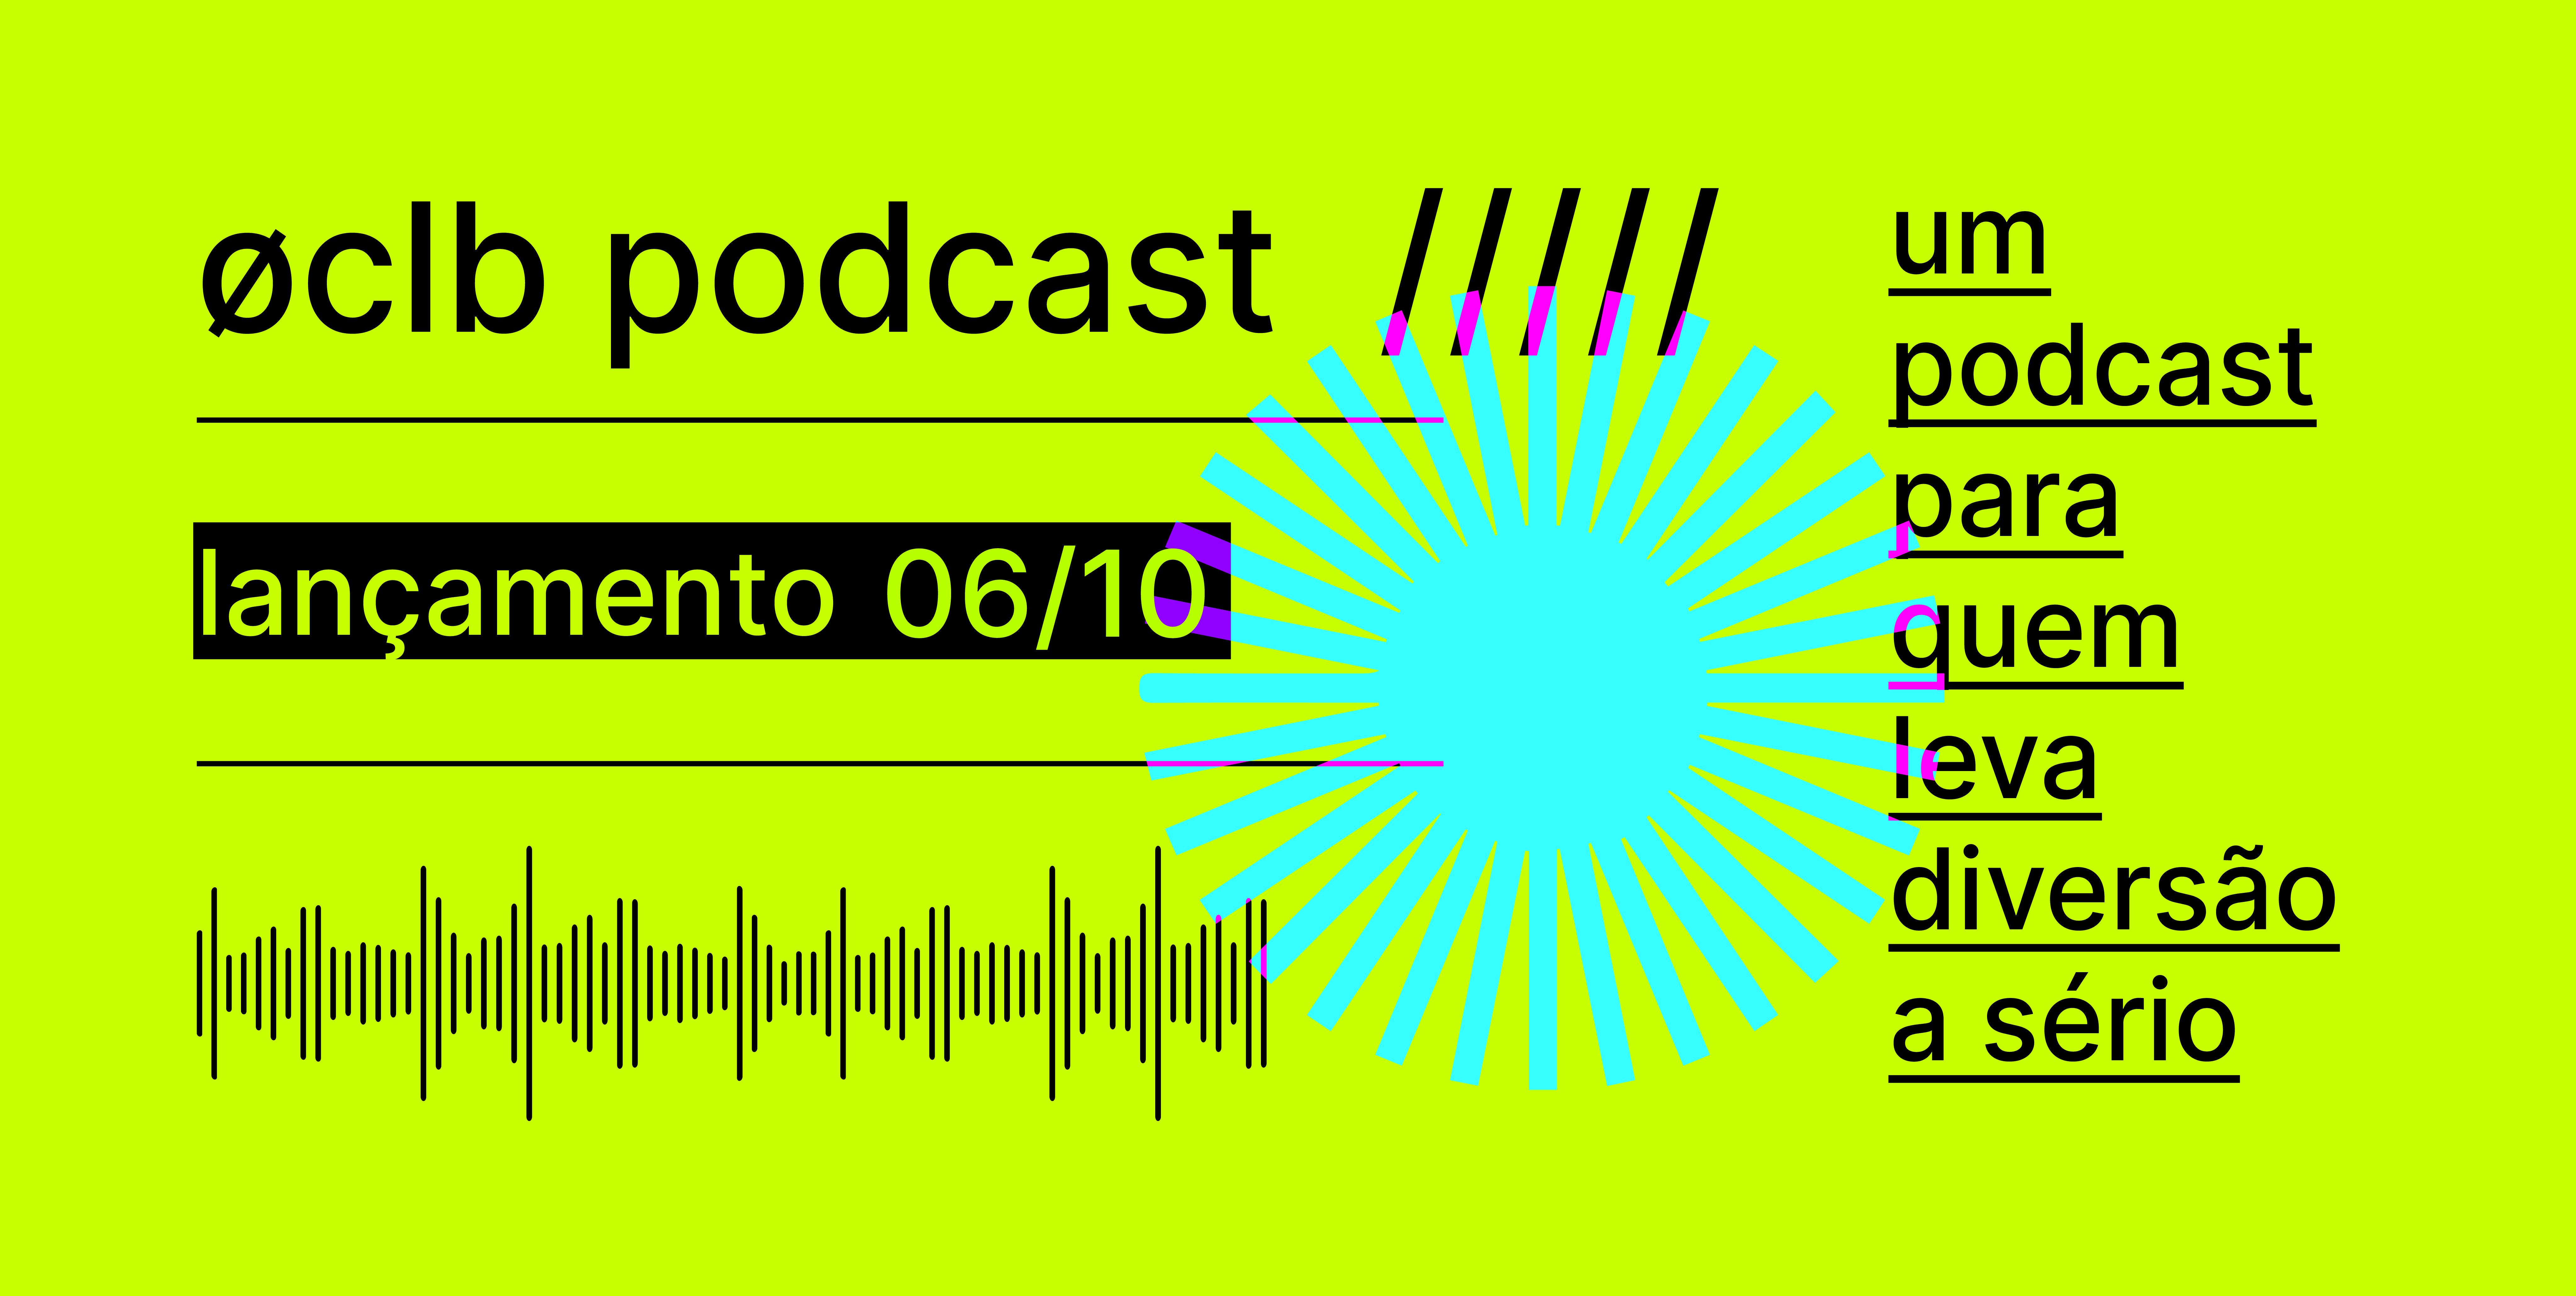 øclb agora tem seu próprio podcast